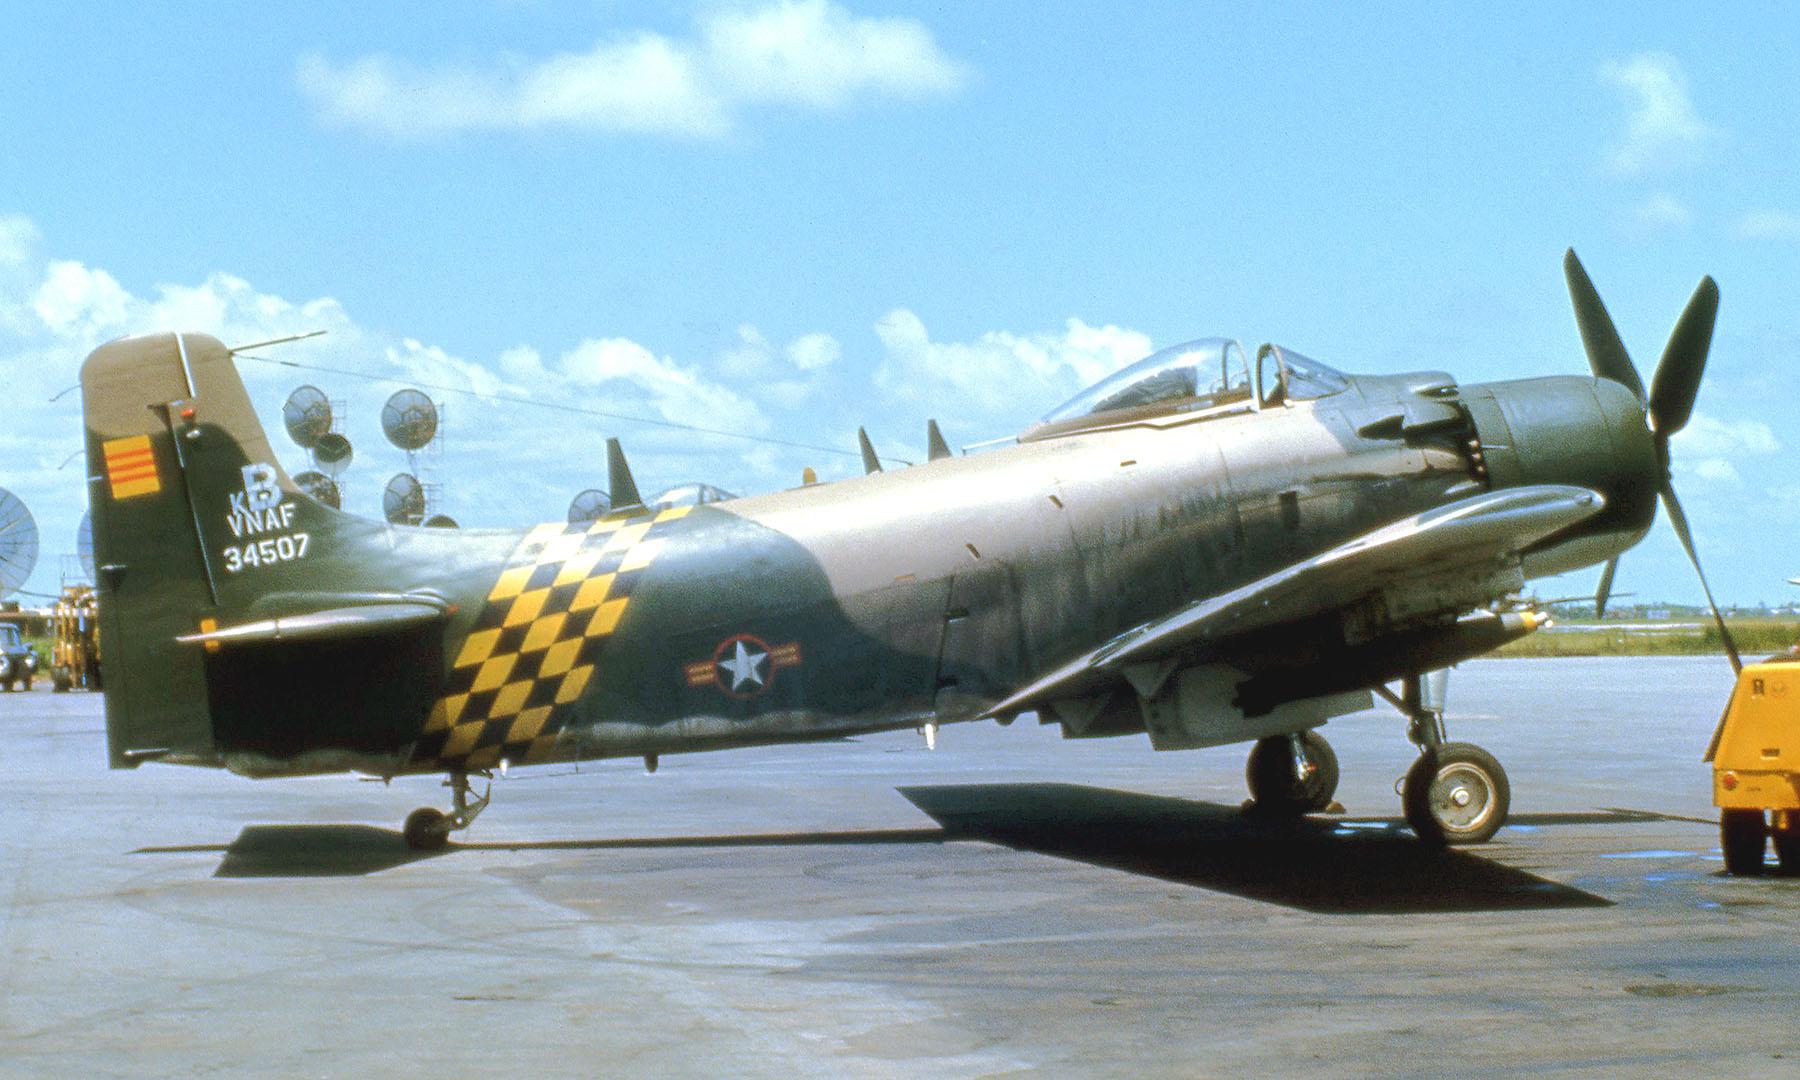 https://www.cybermodeler.com/aircraft/a-1/images/aero_ad_163.jpg